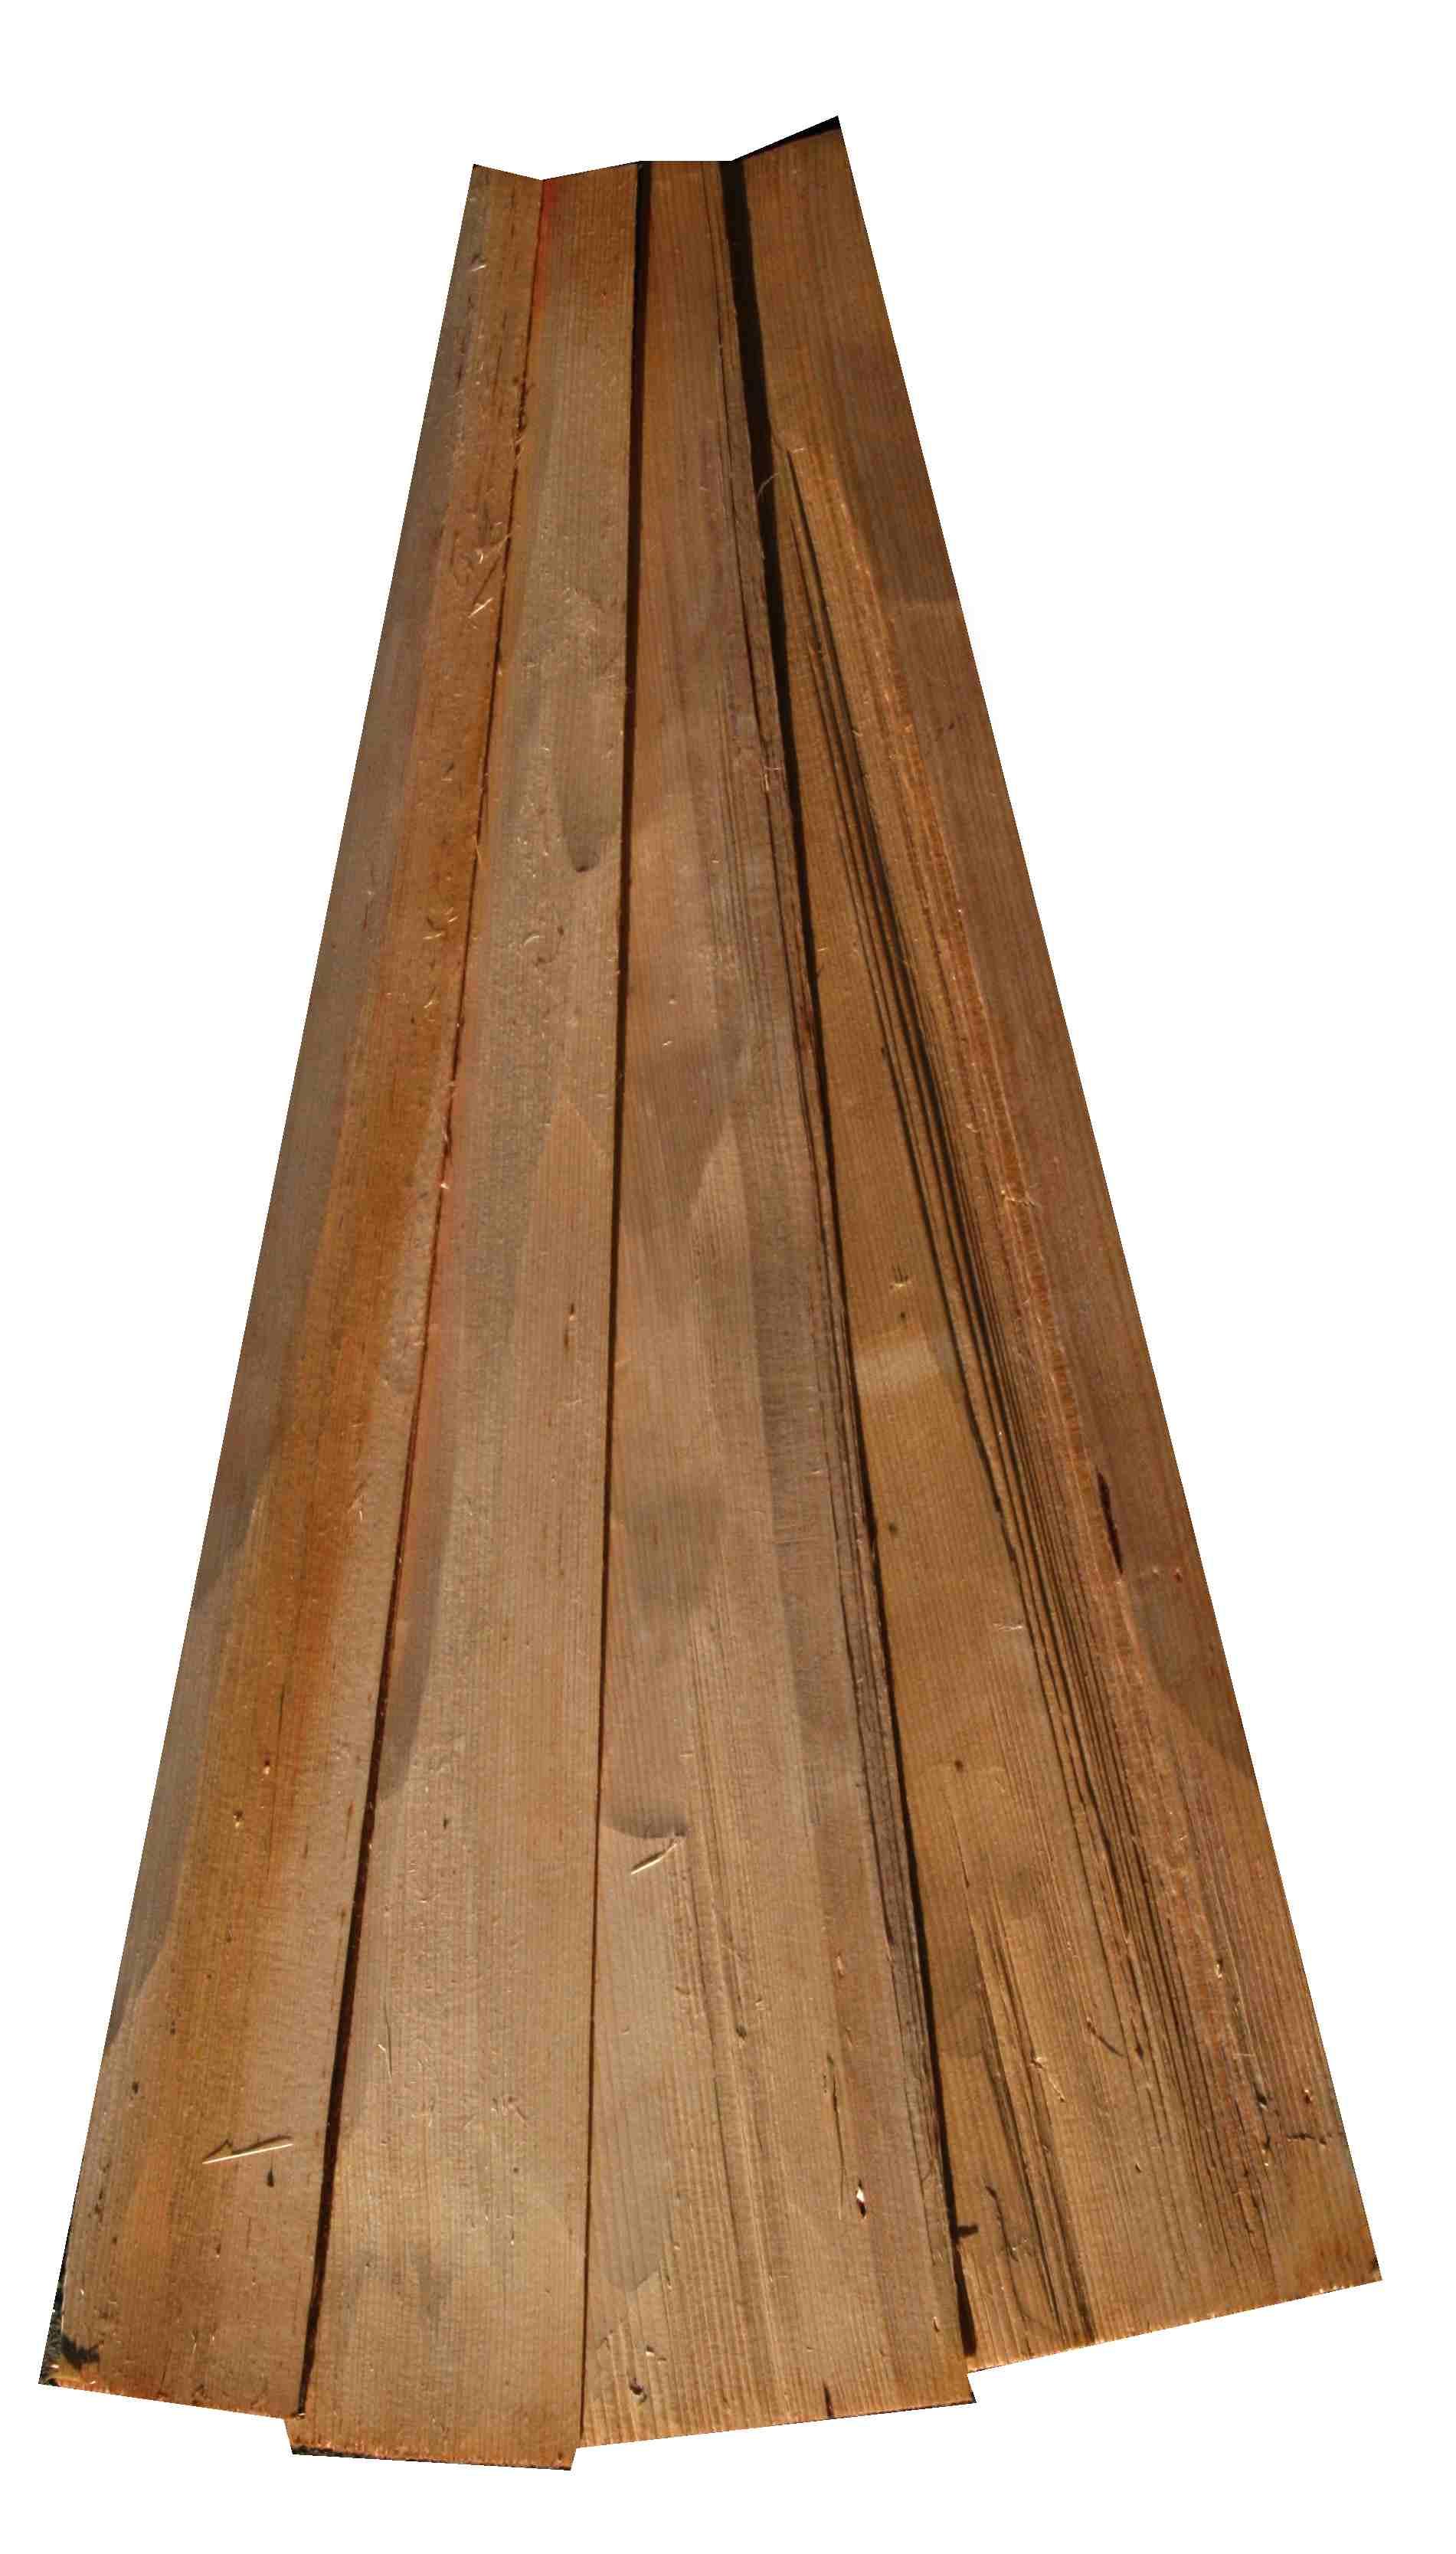 Konický šindel dřevěný 50 cm, drdlik